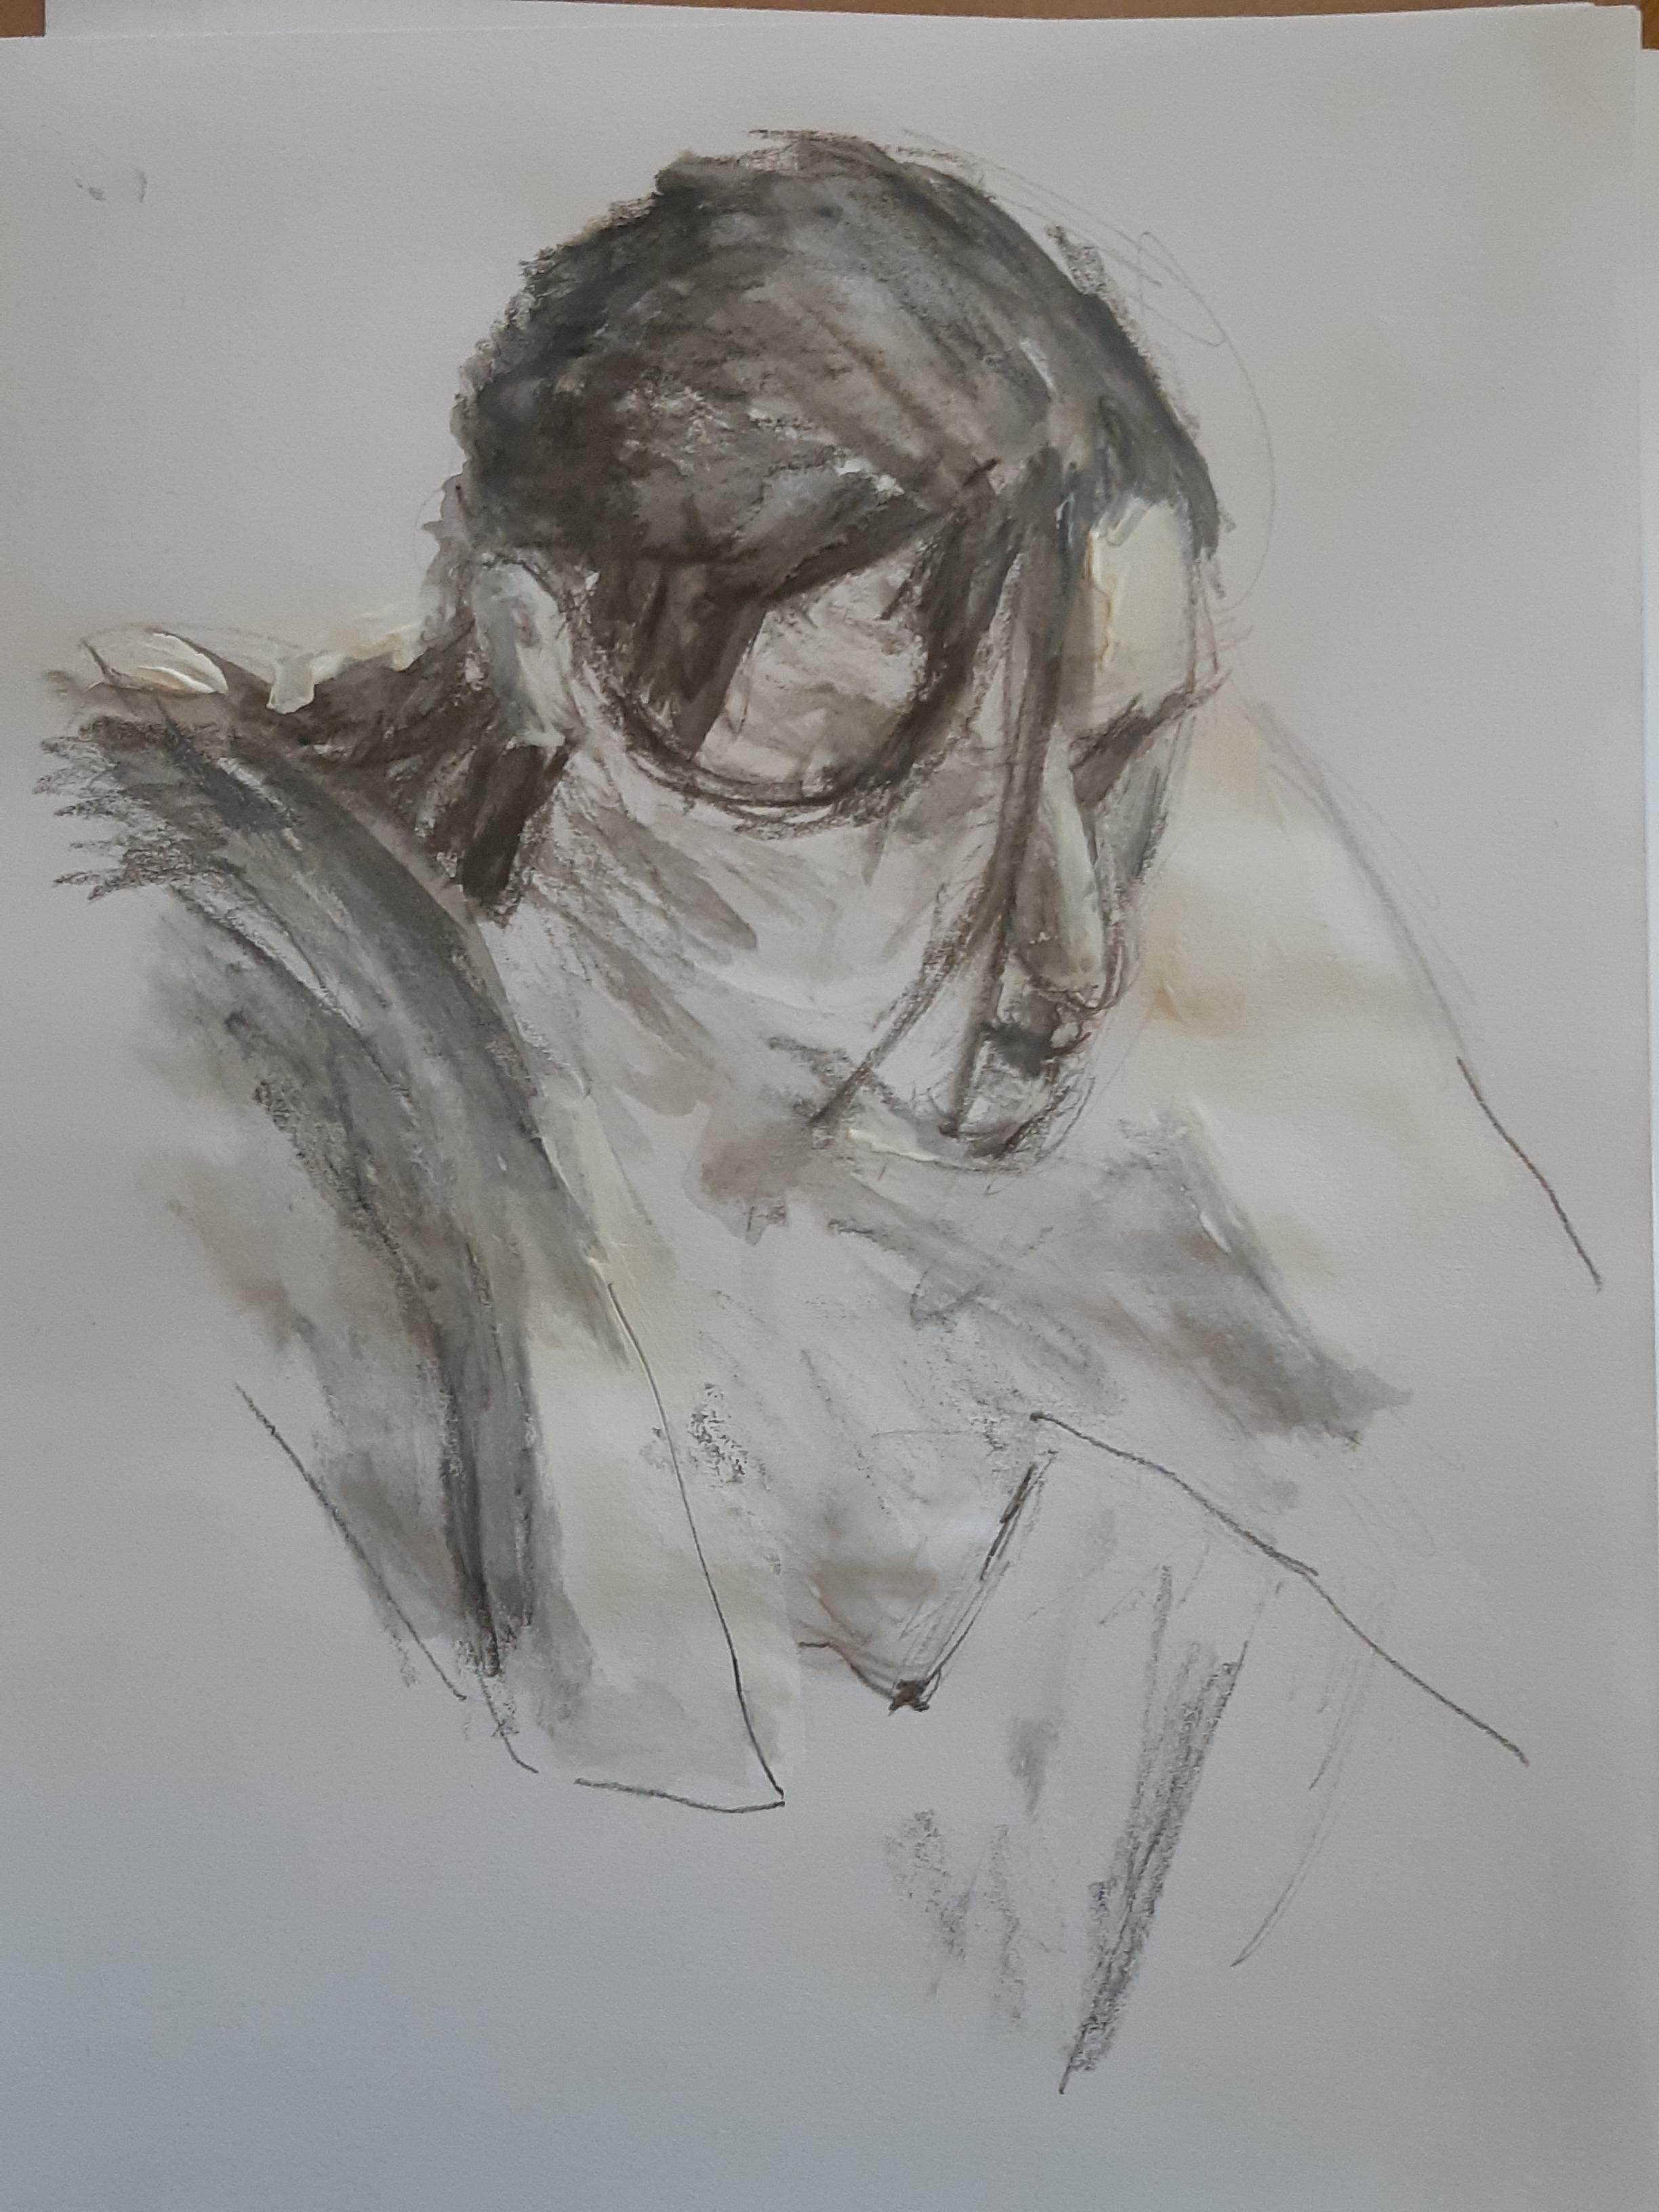 Portrait trois quarts face plongée fusain technique mixte peinture  cours de dessin